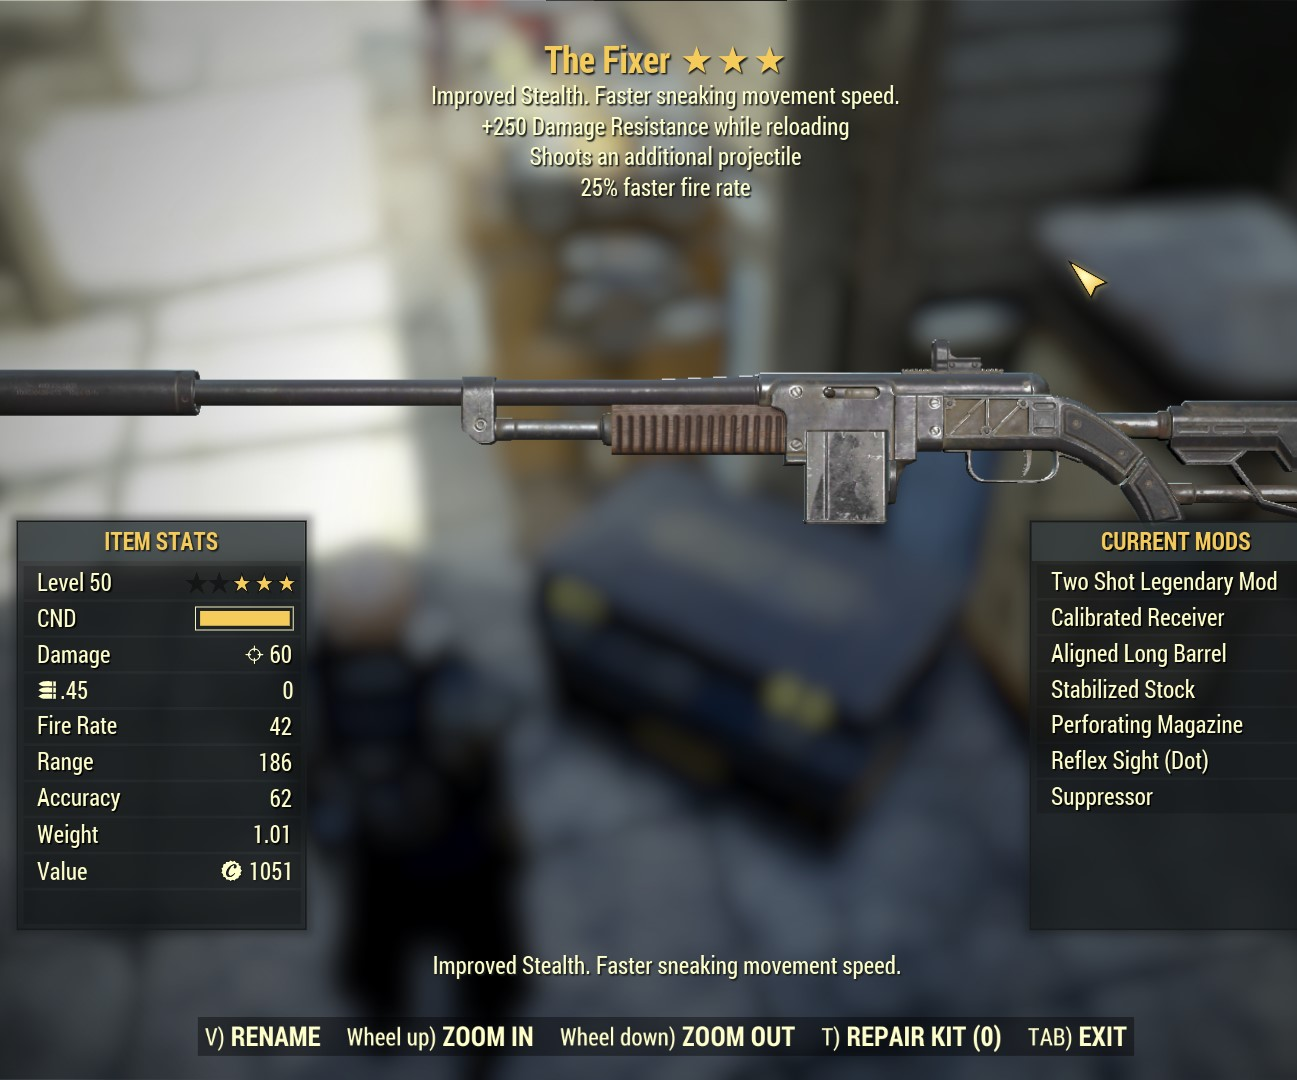 Two Shot The Fixer (25% FFR +250 DMG Res)